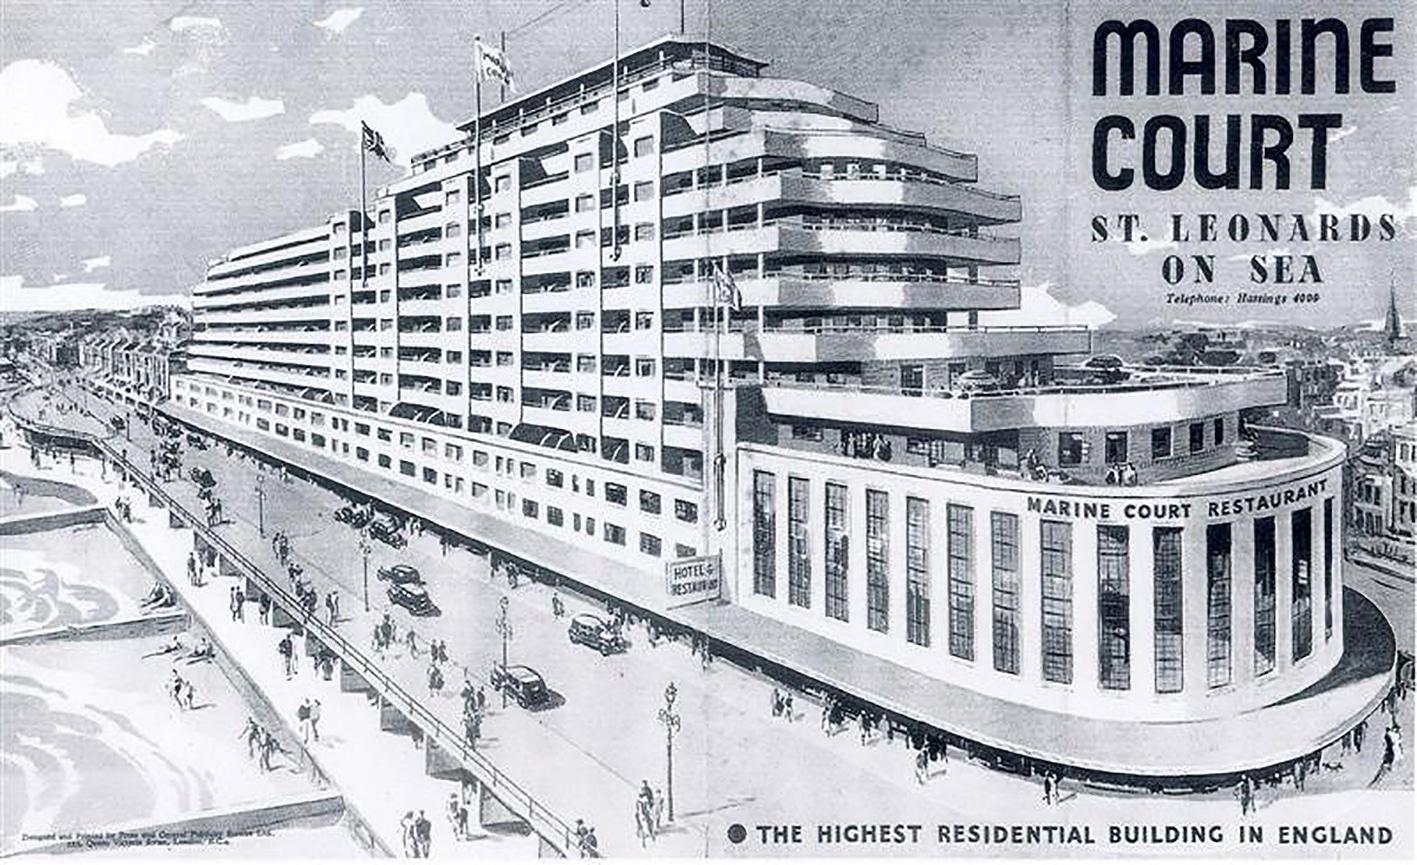 Marine Court